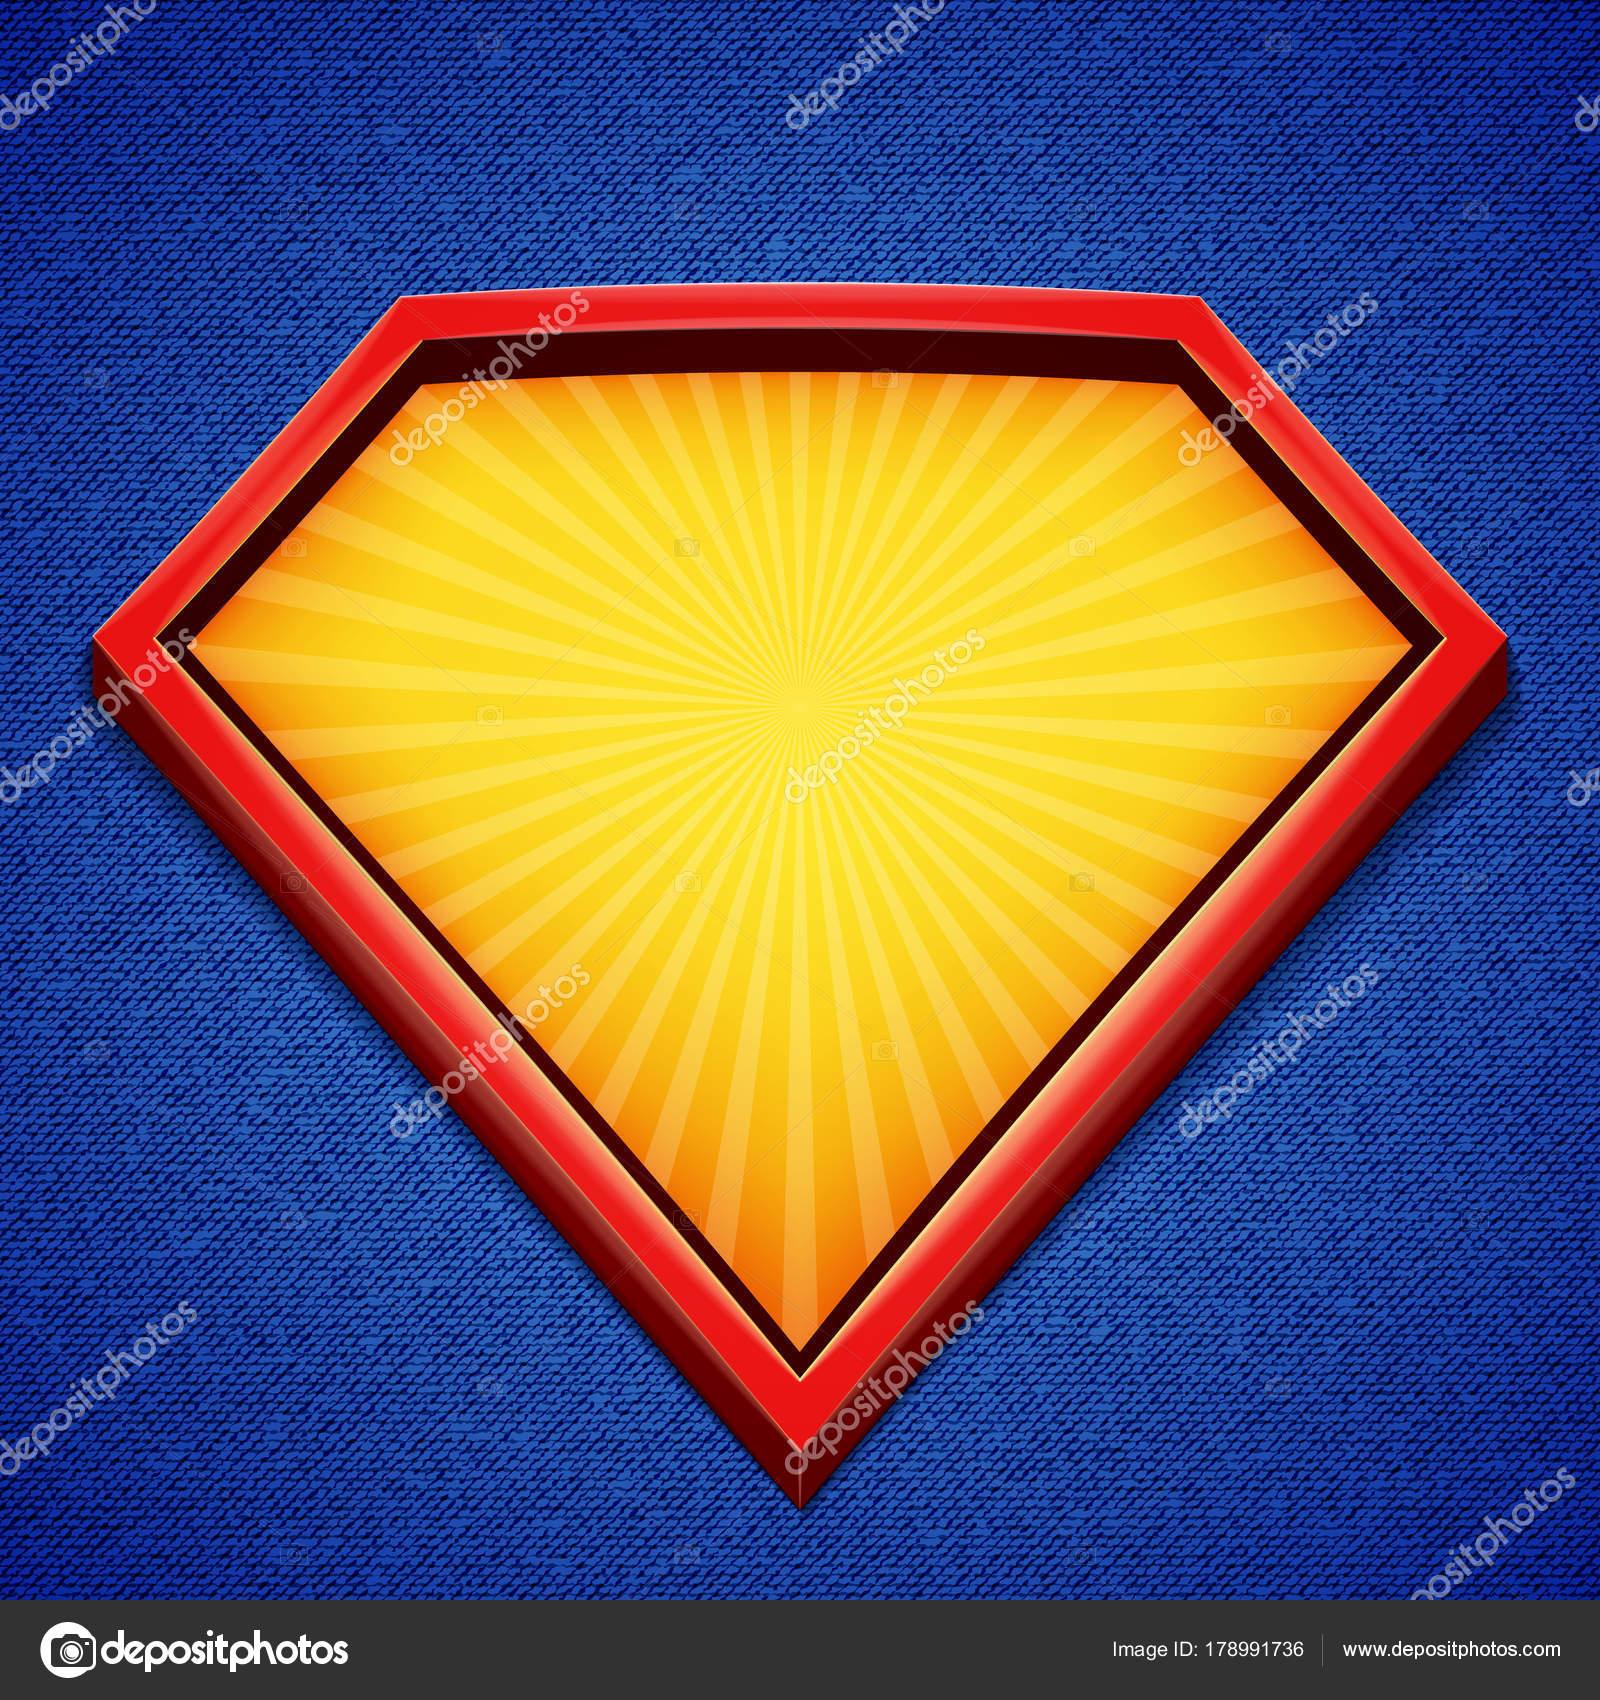 スーパー ヒーローの背景 スーパー ヒーローのロゴのテンプレート 赤